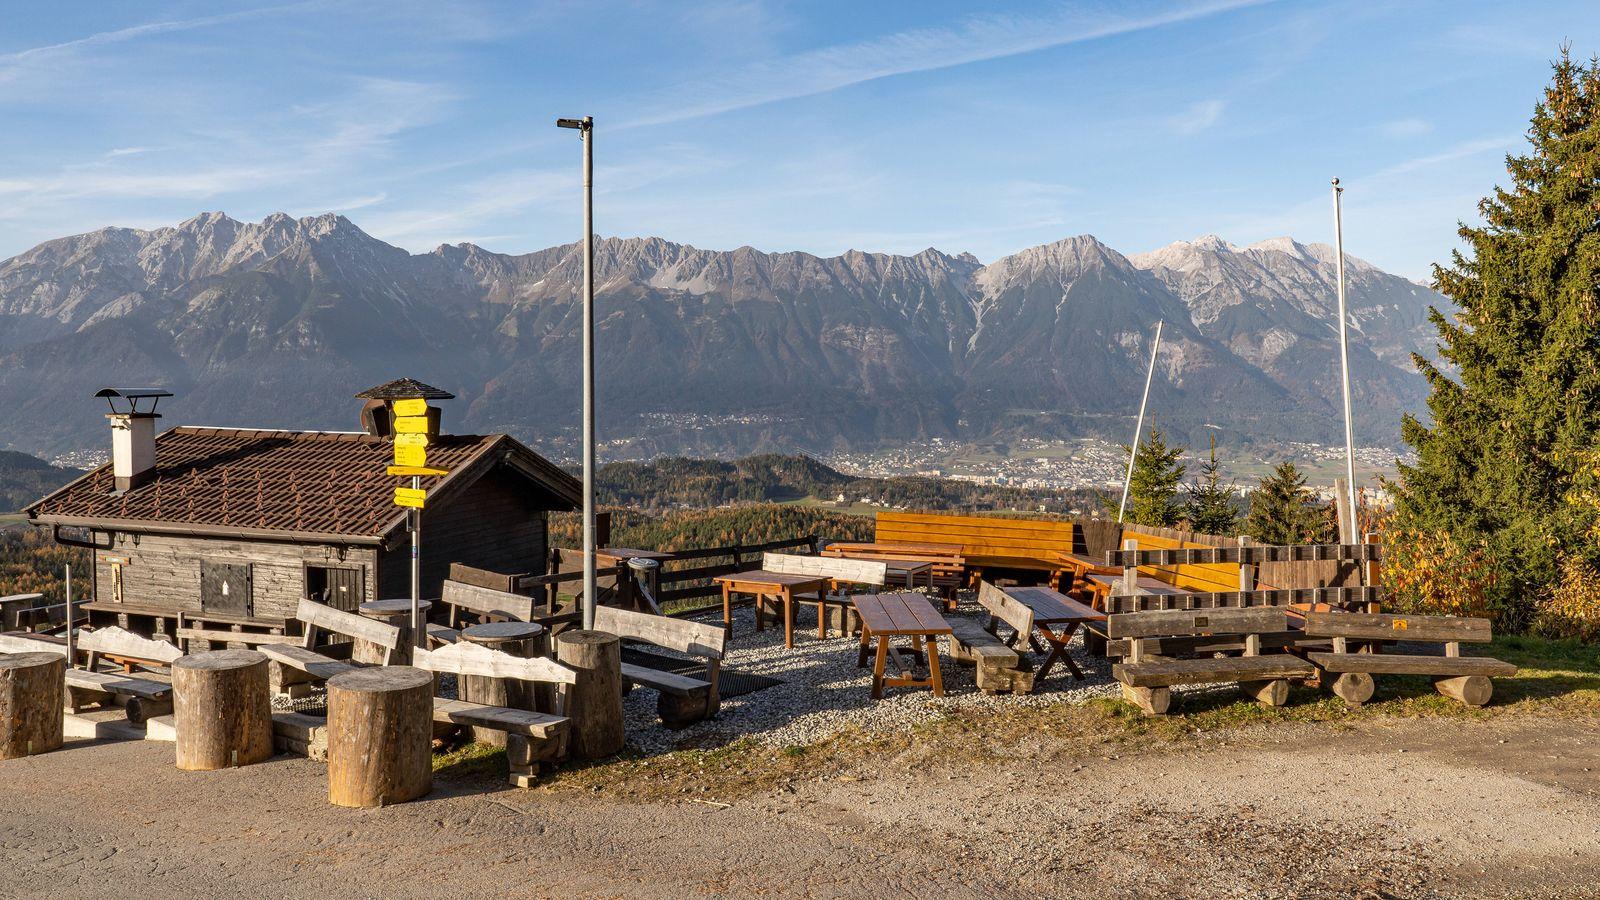 10.11.2020 / Tee Hüttn am Patscherkofel, Igls, Tirol, Austria / Terrasse, Gastgarten geschlossen, gesperrt / Ausflugs